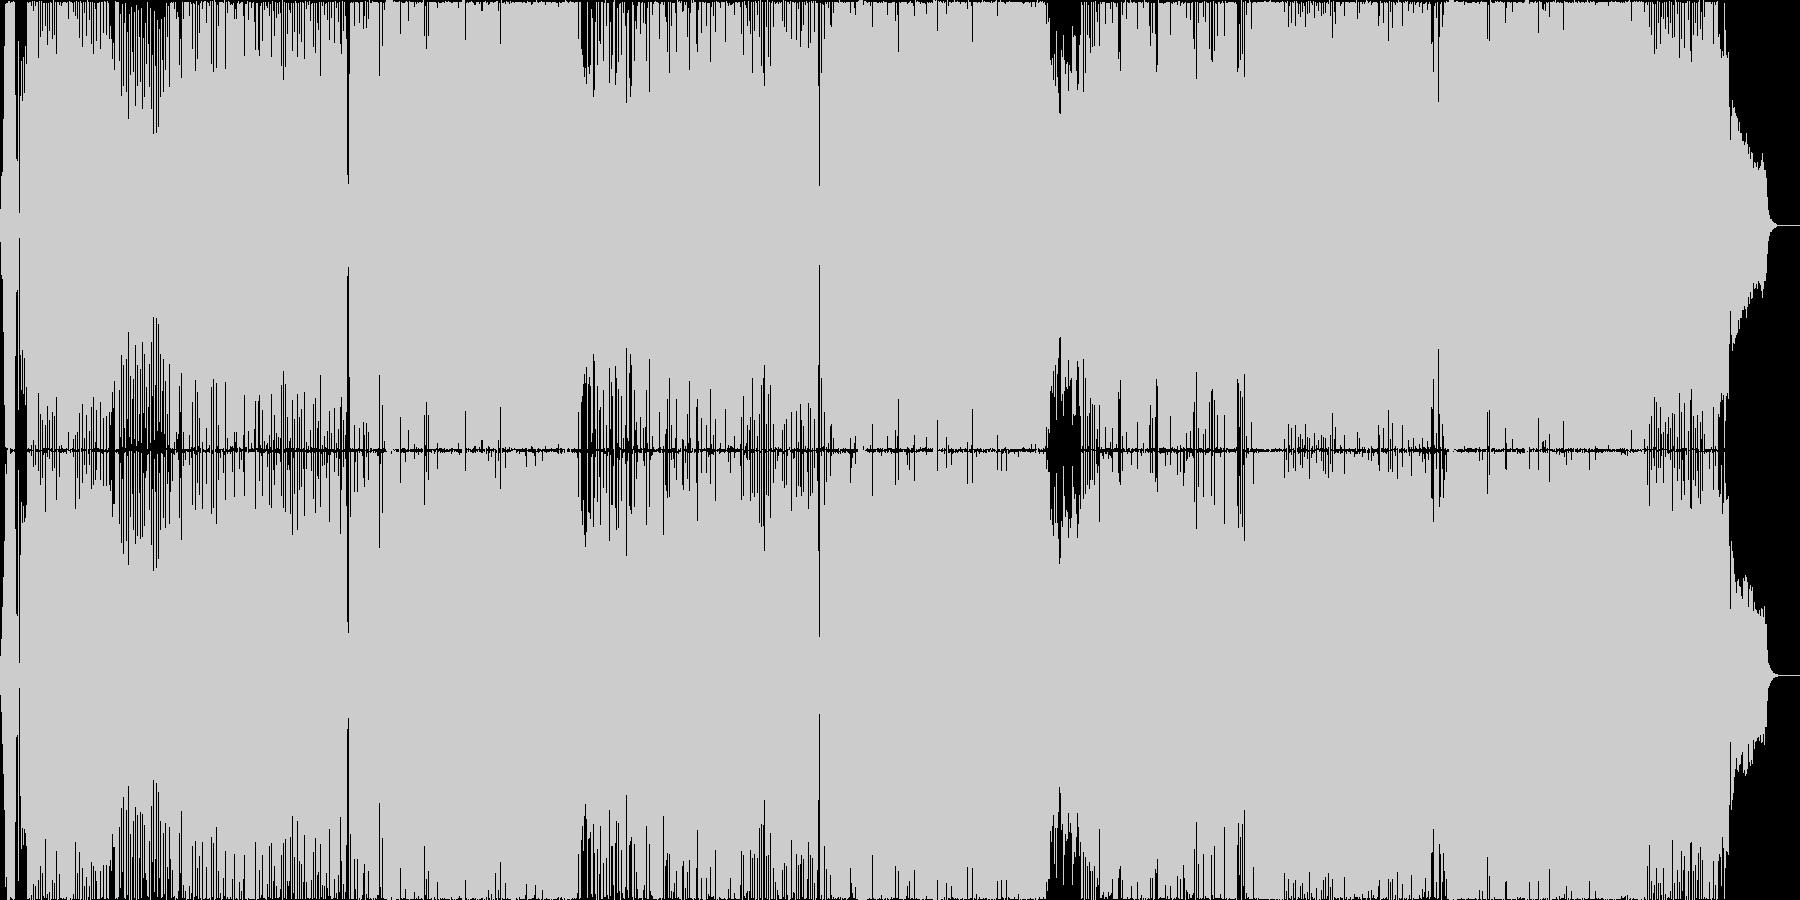 アニメ主題歌風の明るいロック_女性Voの未再生の波形